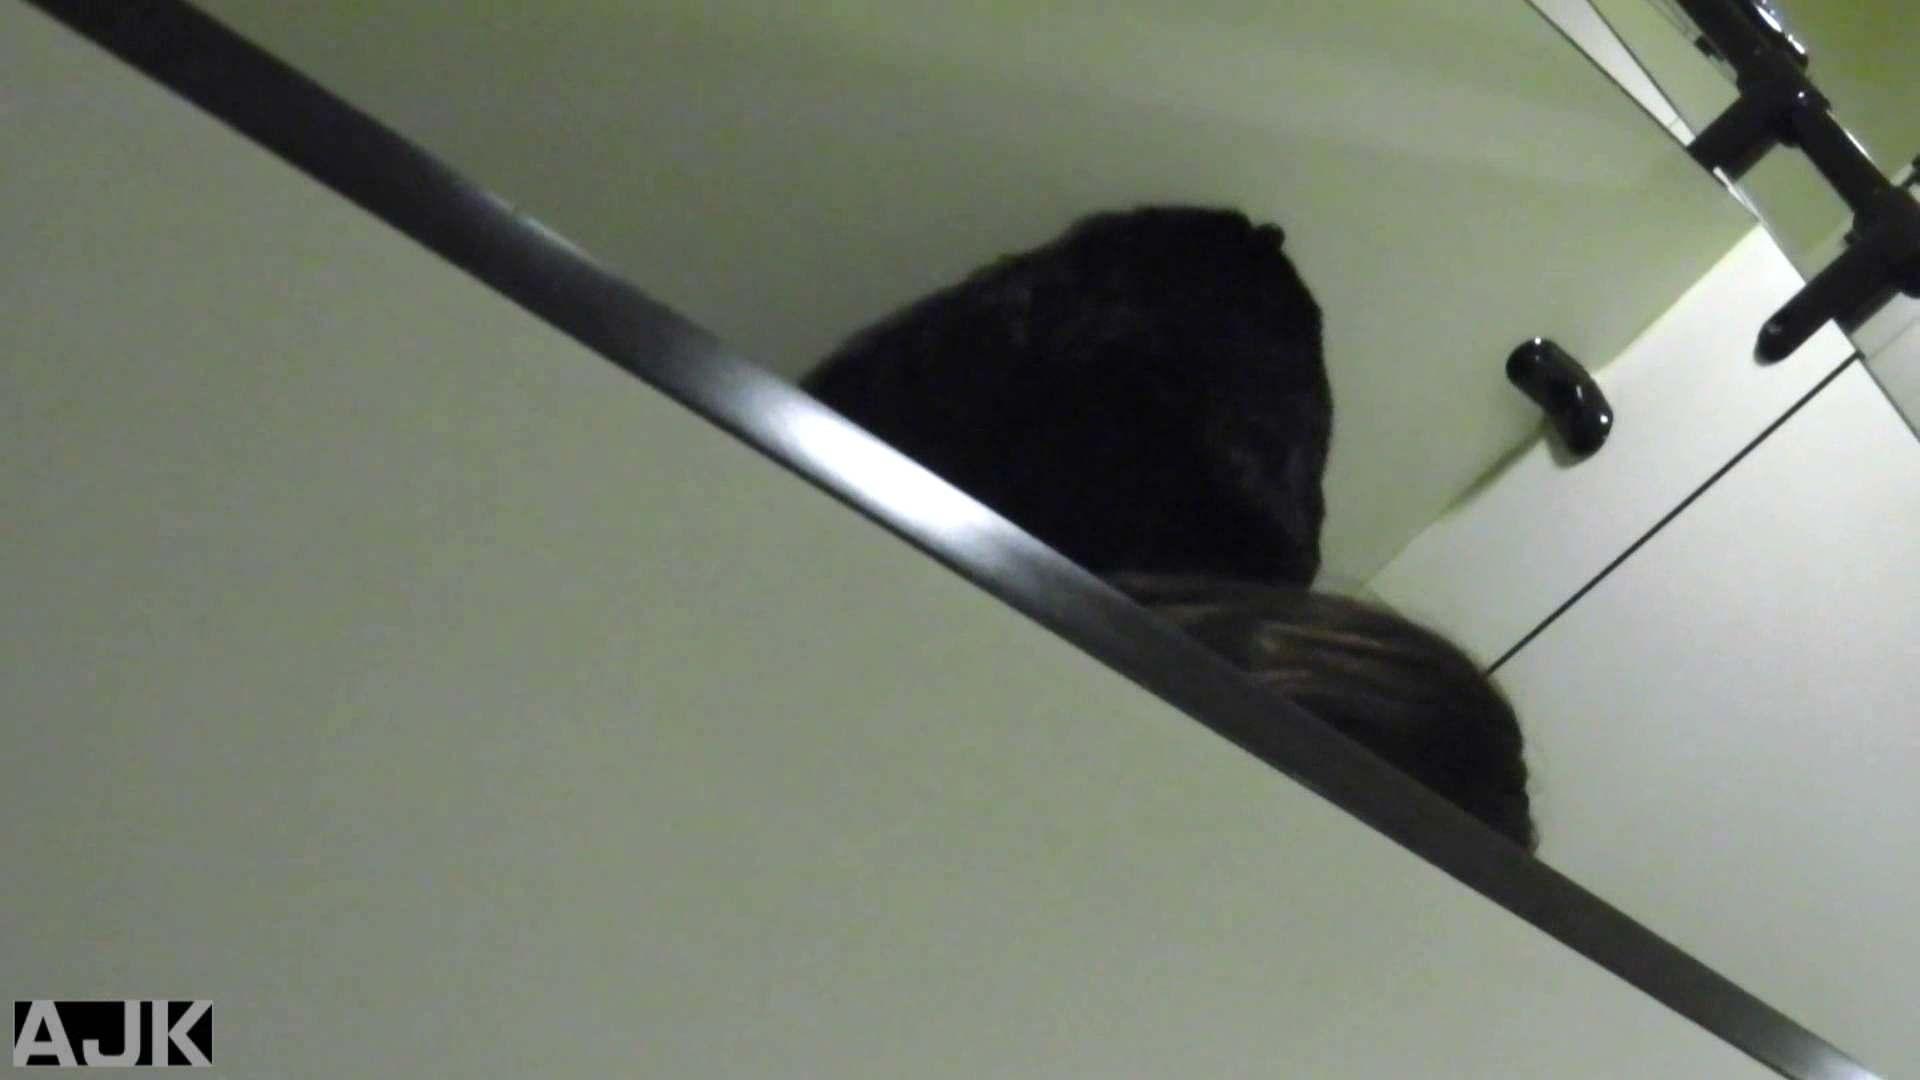 隣国上階級エリアの令嬢たちが集うデパートお手洗い Vol.07 オマンコ見放題 オメコ動画キャプチャ 111枚 6